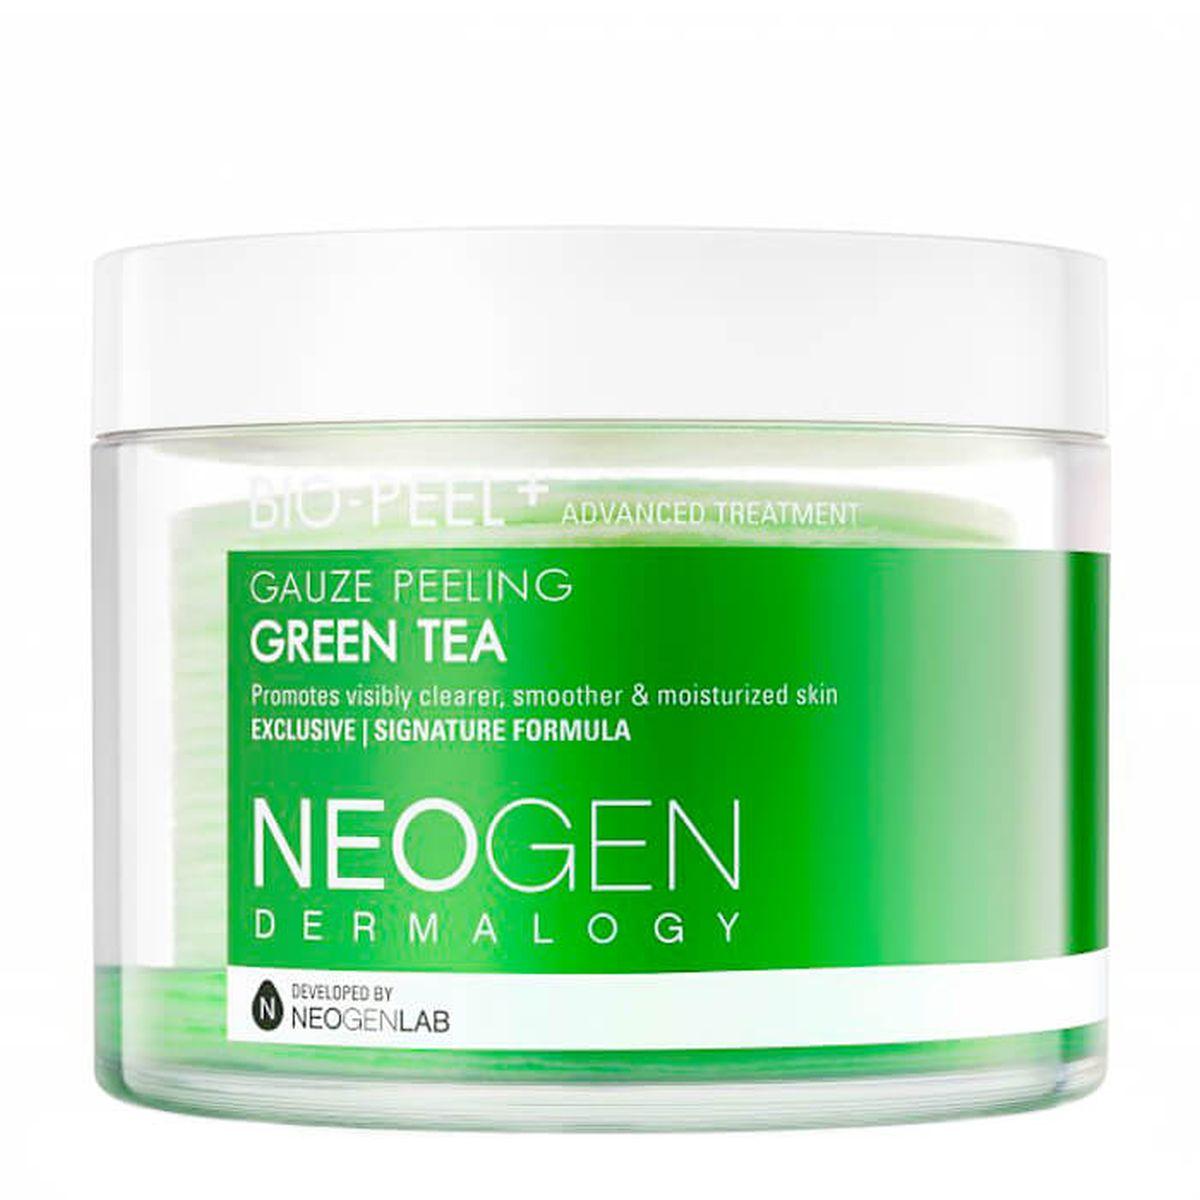 Очищающие пэды с зеленым чаем Neogen Dermatology Bio-Peel Gauze Peeling Green Tea - 30 шт